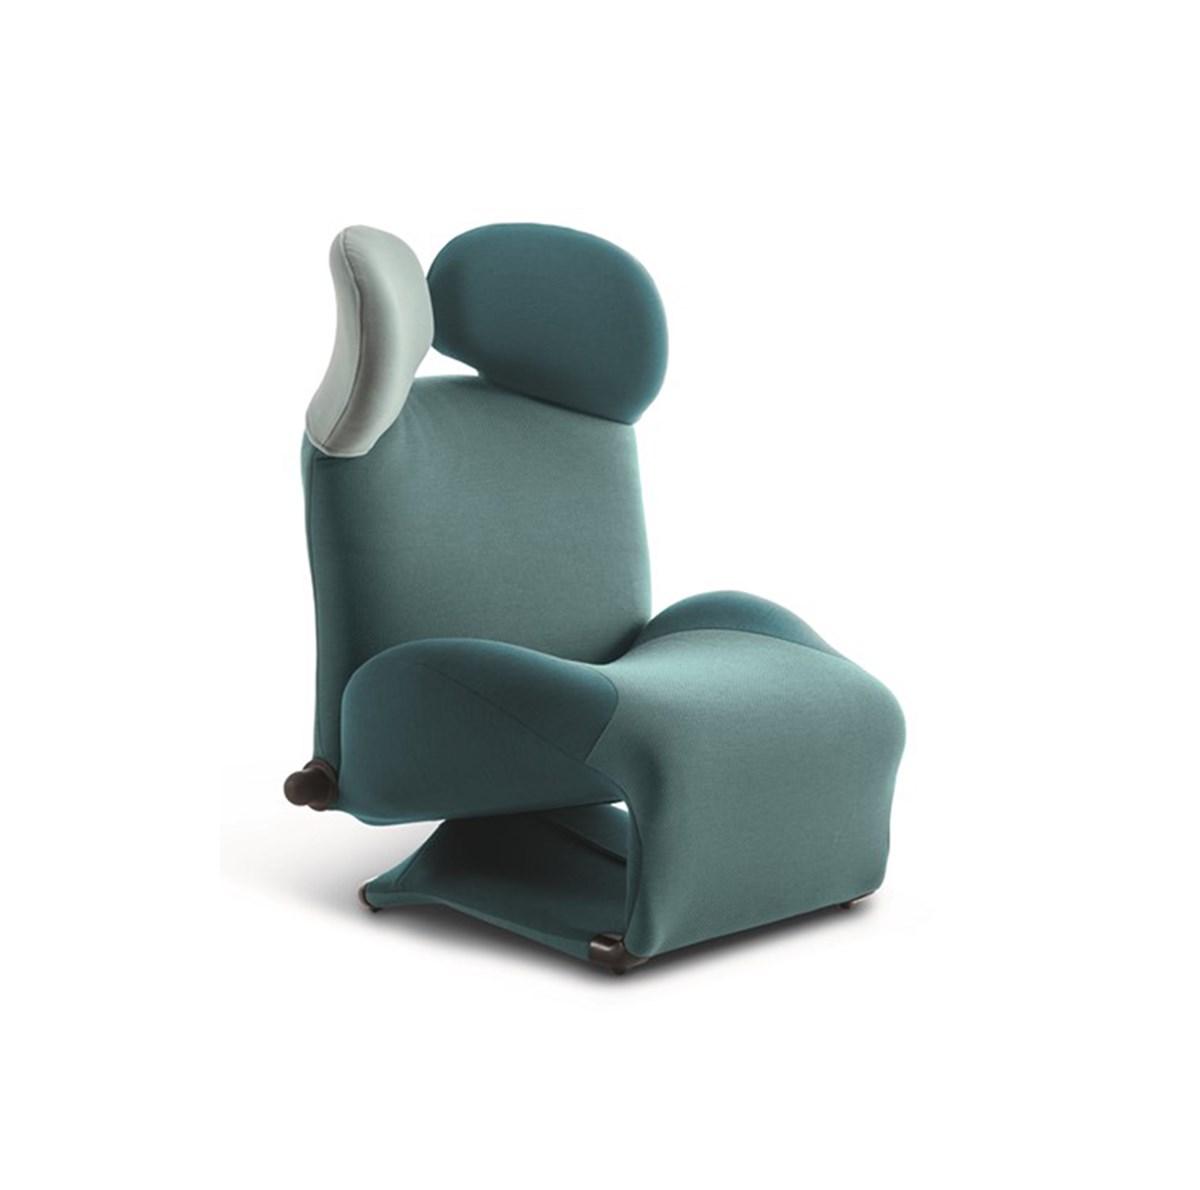 Cassina-Toshiyuki-Kita-Wink-Chaise-Longue-Matisse-1